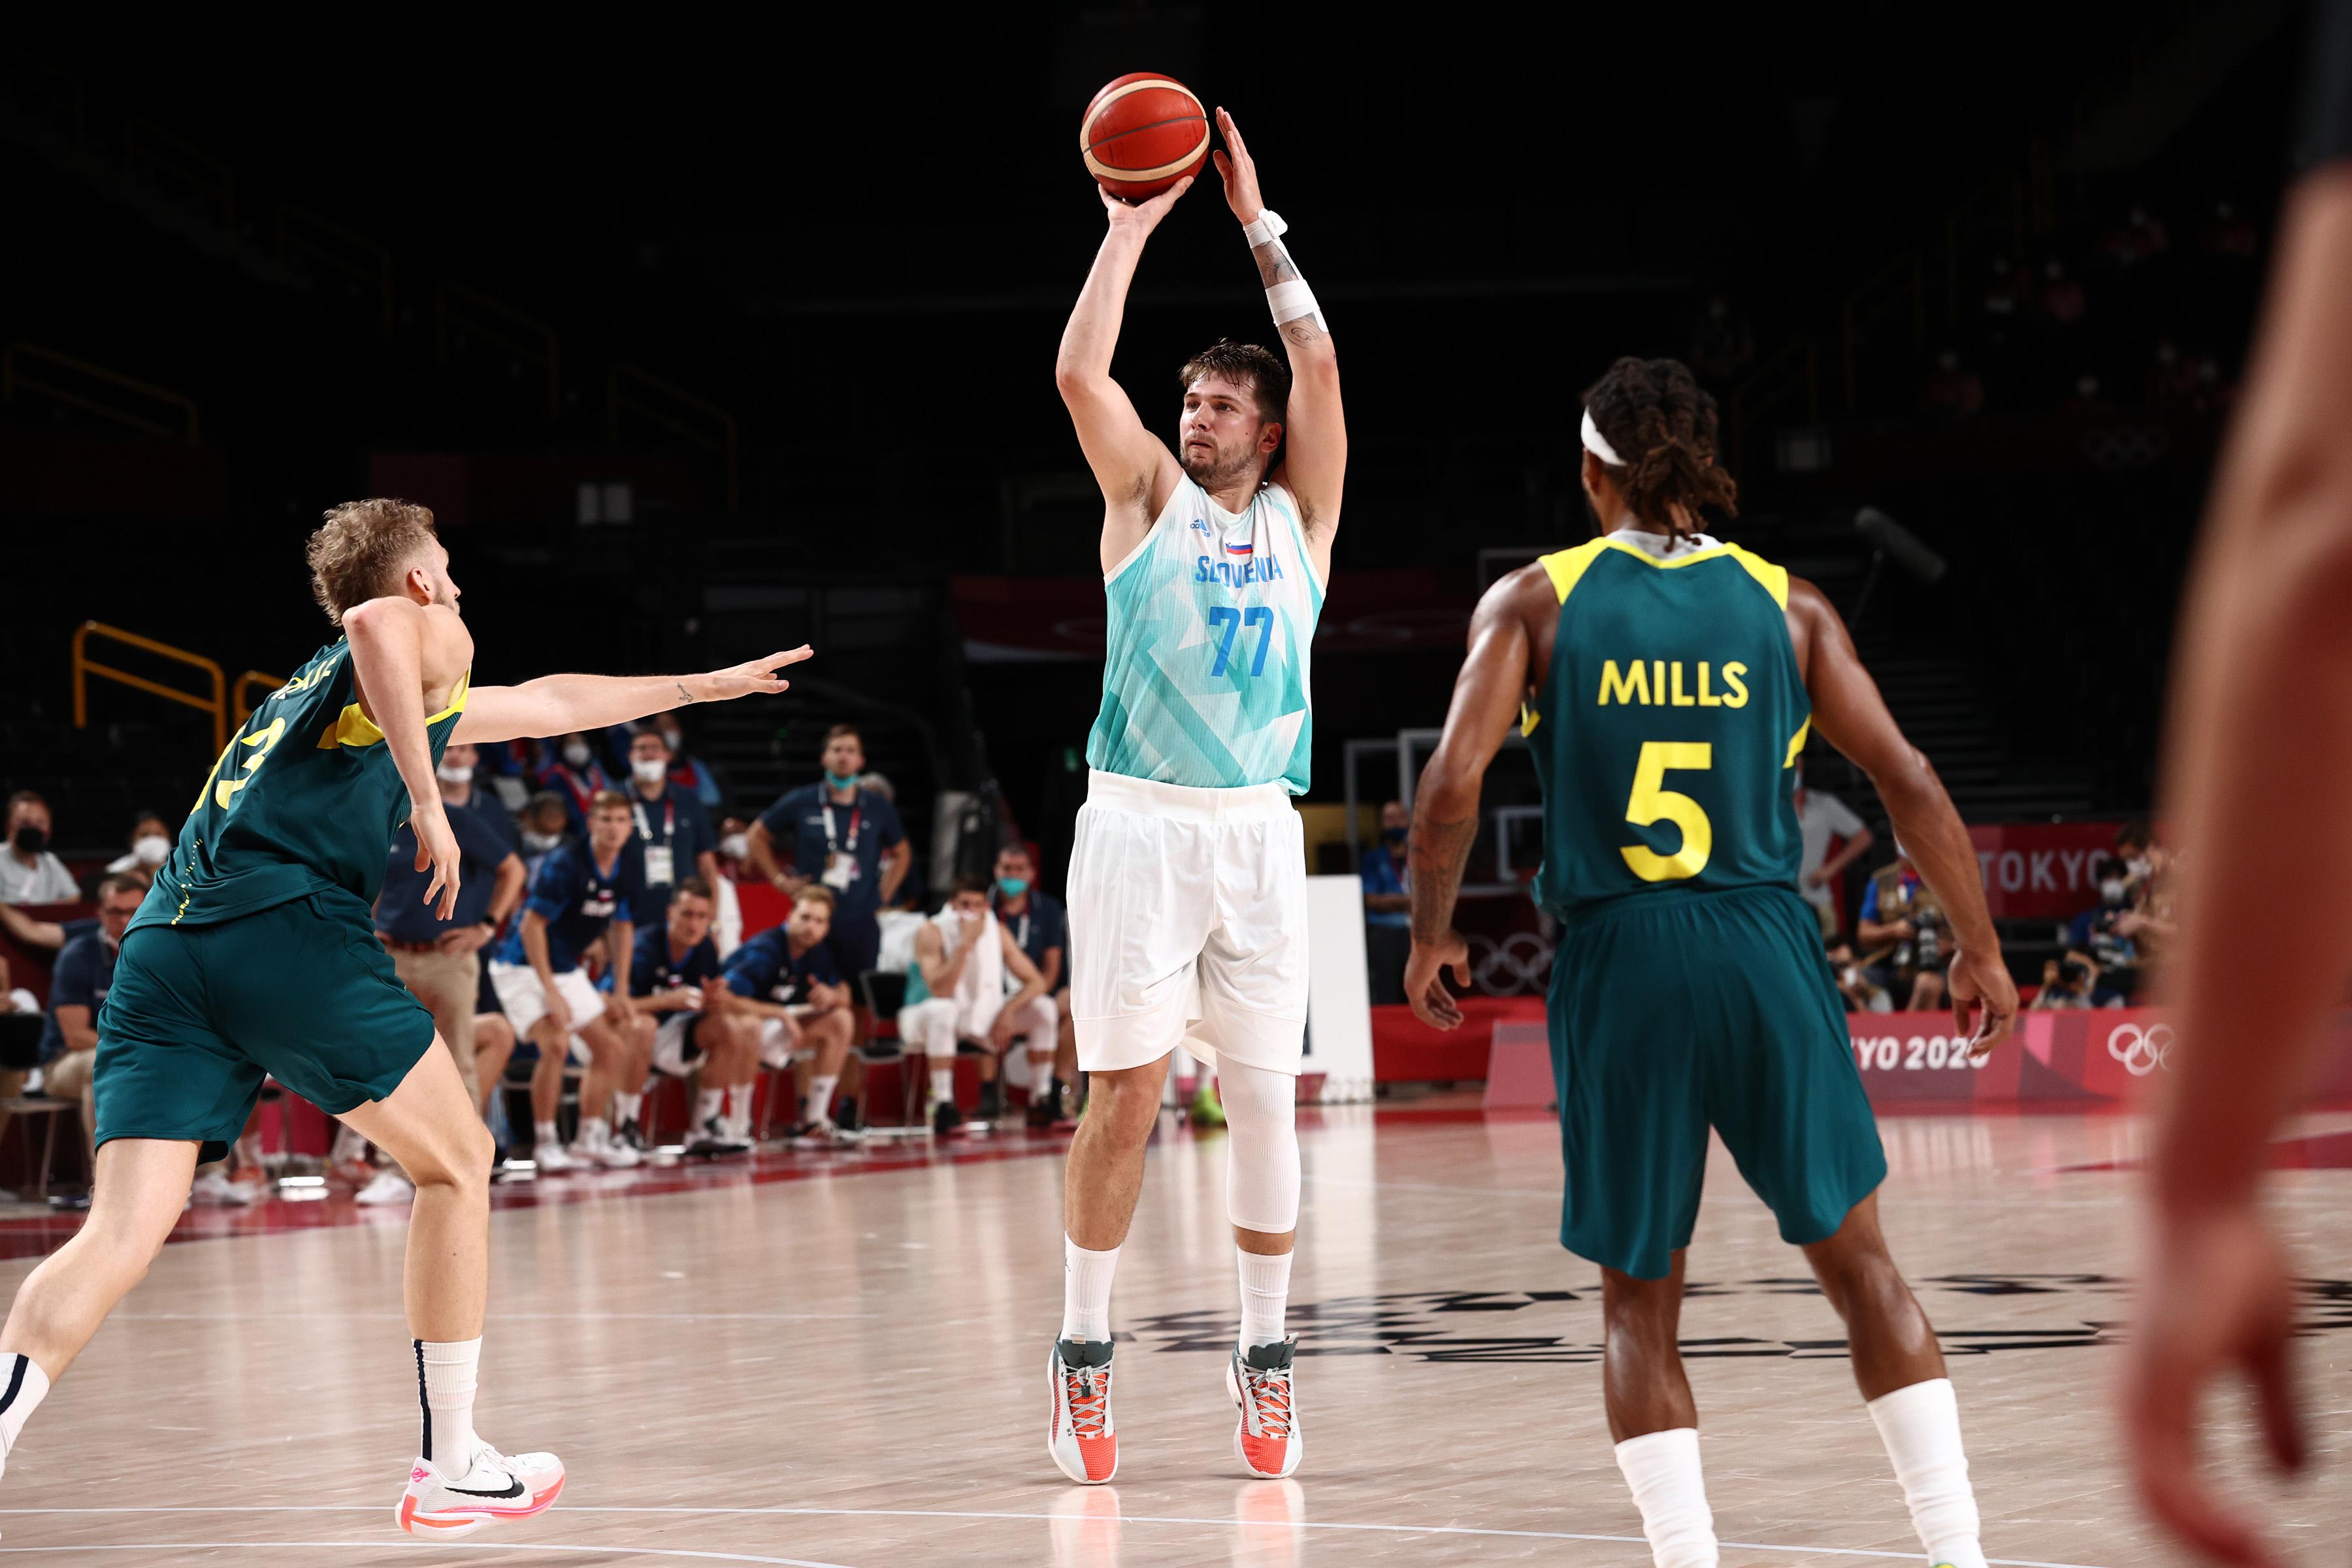 2020 Tokyo Olympics: Slovenia v Australia